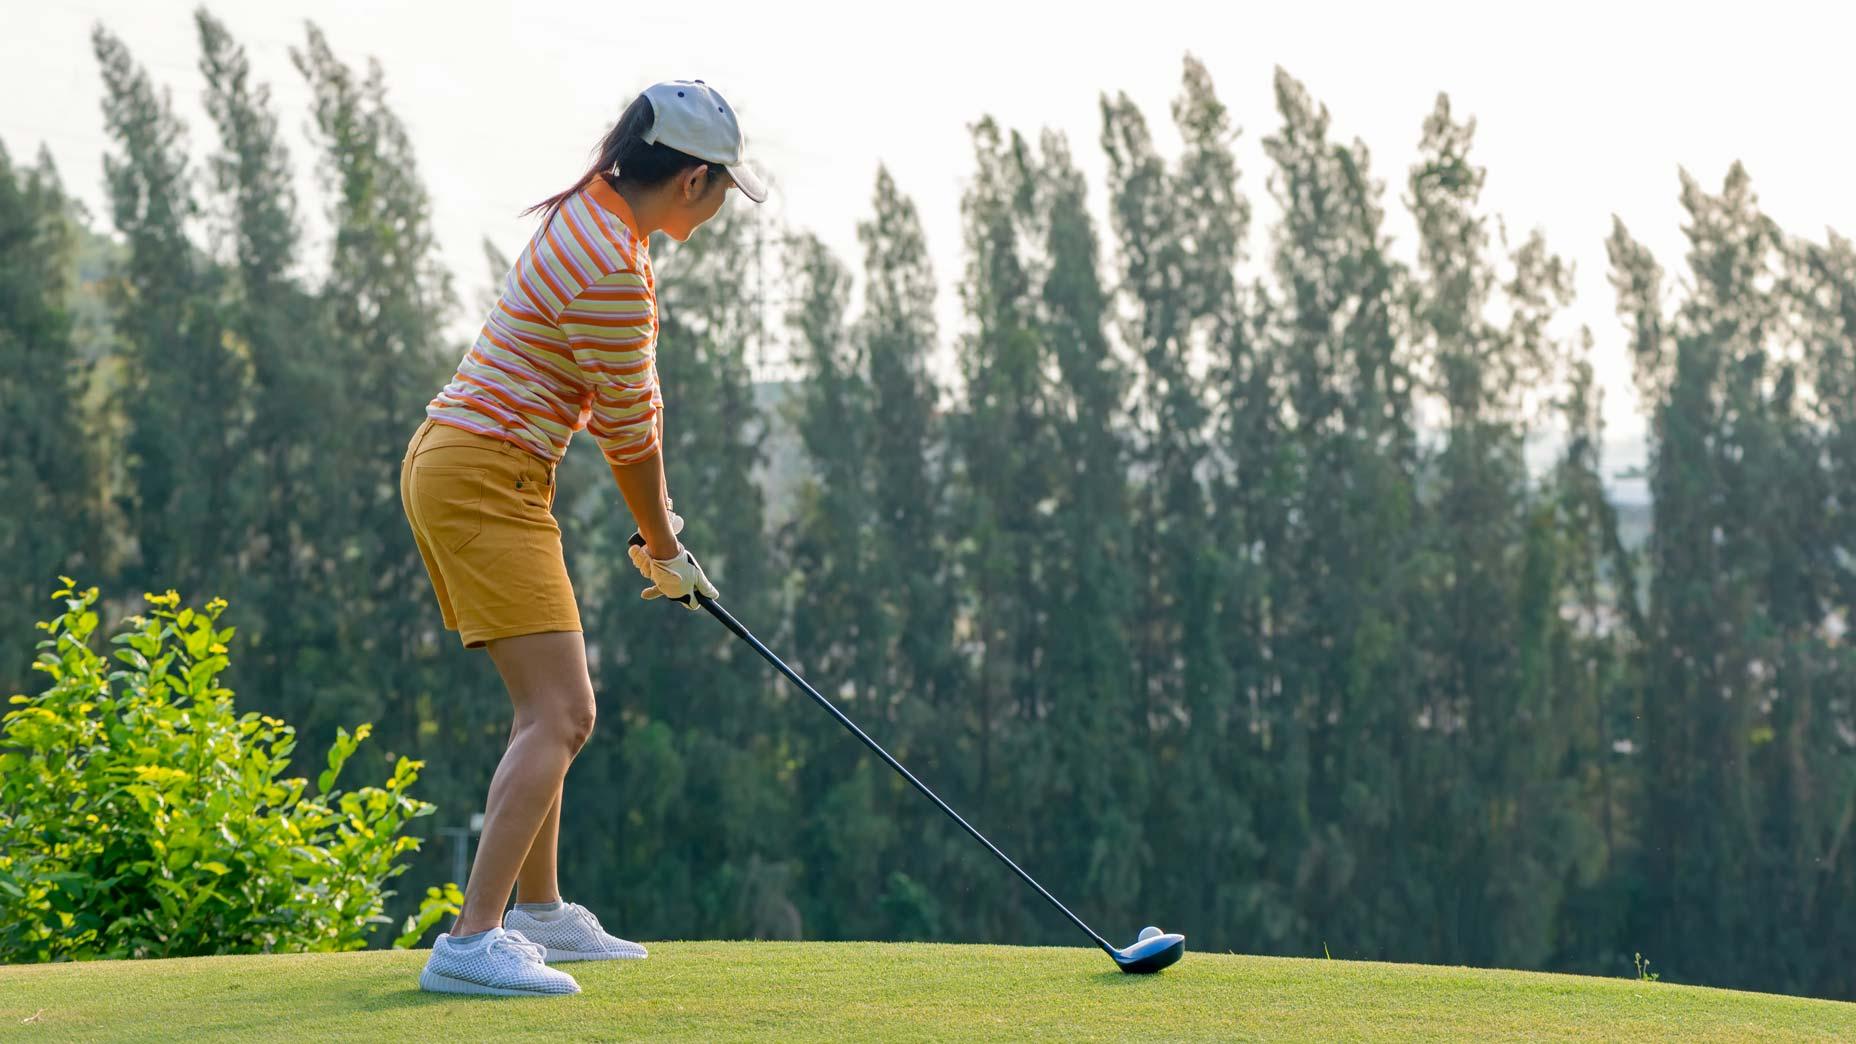 women's golfer hits ball